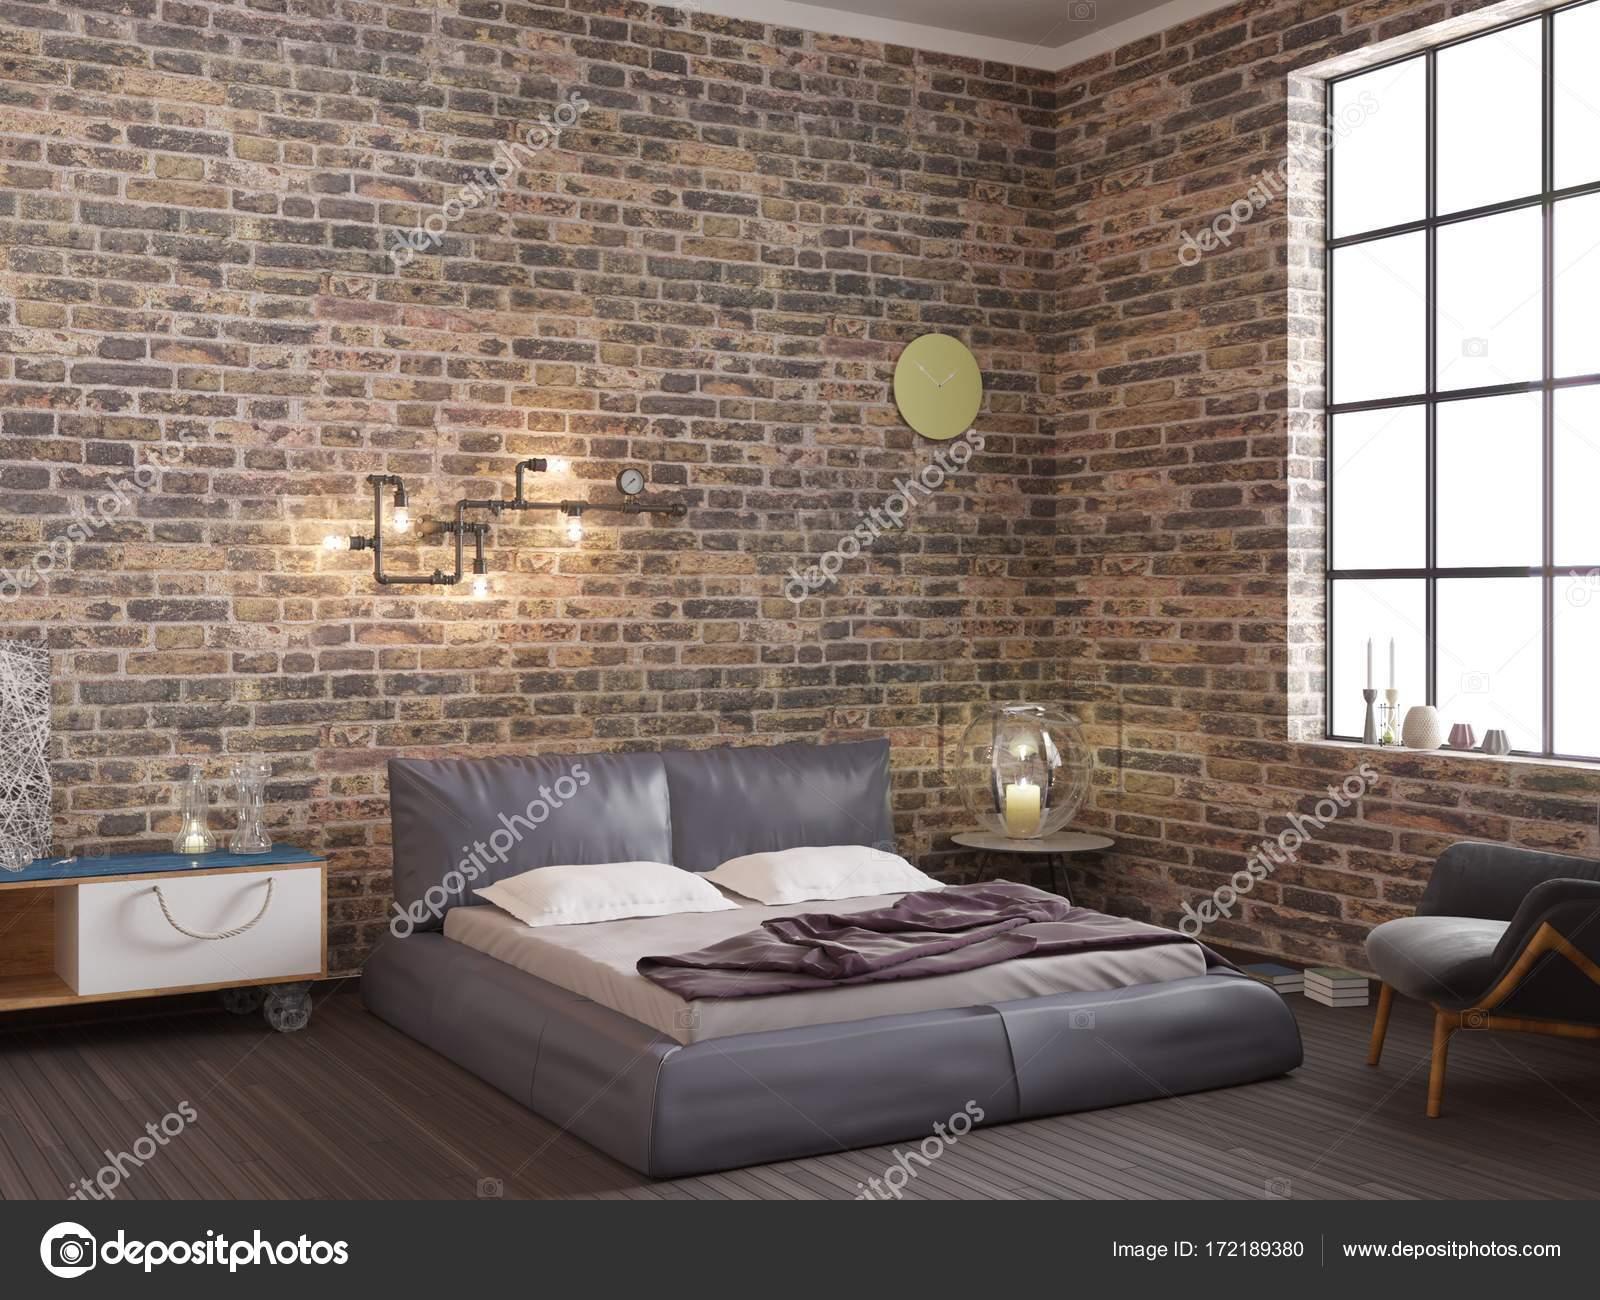 Schlafzimmer einrichtennacht set - Einrichtungsvorschlage schlafzimmer ...